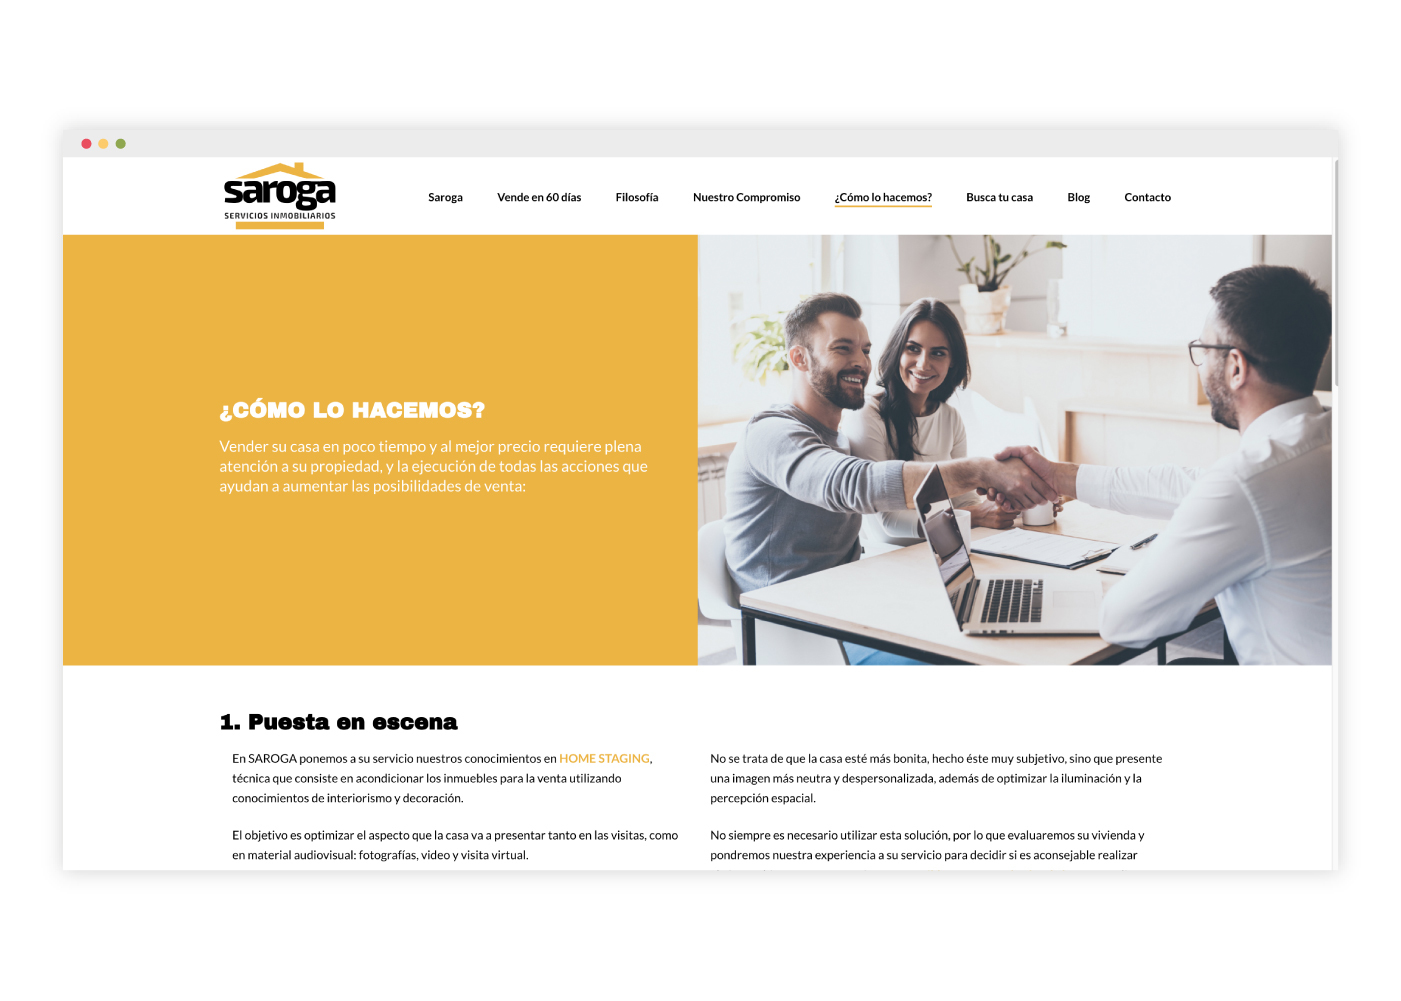 diseno-programacion-web-inmobiliaria-online-5